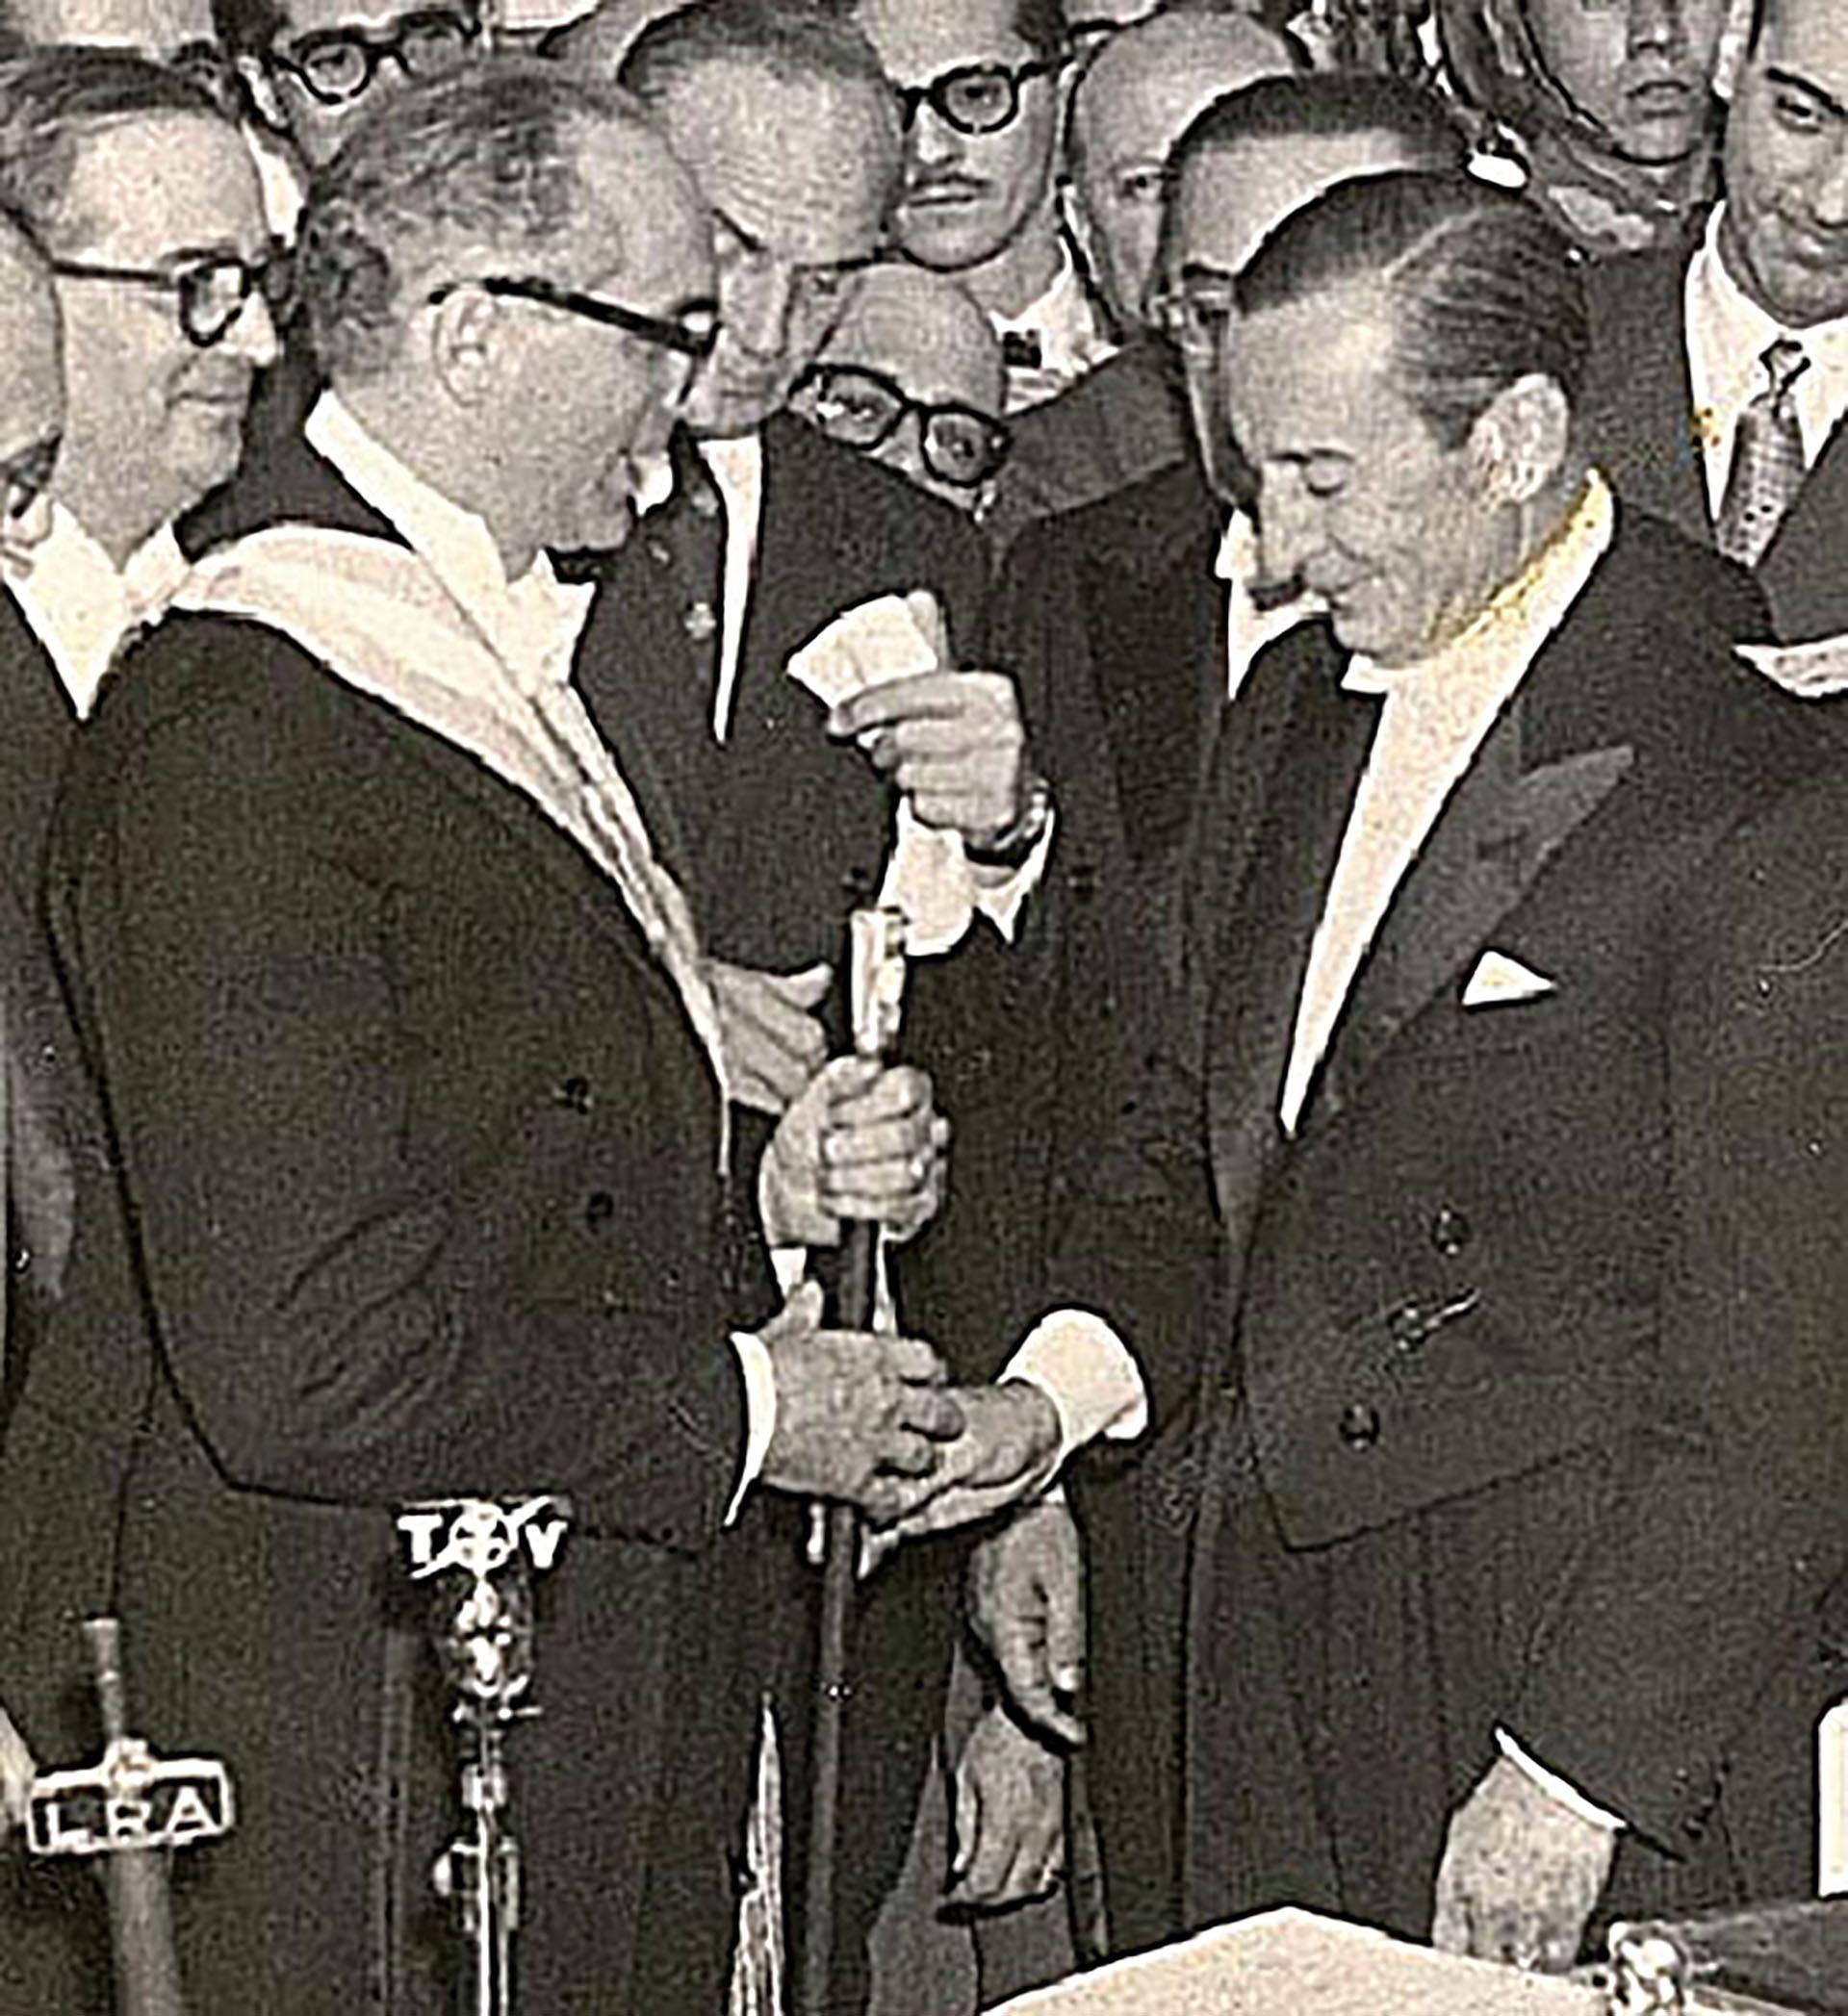 """Mayo de 1958: Arturo Frondizi recibe el bastón presidencial de manos de Eugenio Aramburu, uno de los líderes de la """"Revolución Libertadora"""" que había derrocado a Perón en 1955. En su primer año en el gobierno, Frondizi alcanzaría la """"brecha cambiaria"""" más alta de la historia argentina"""